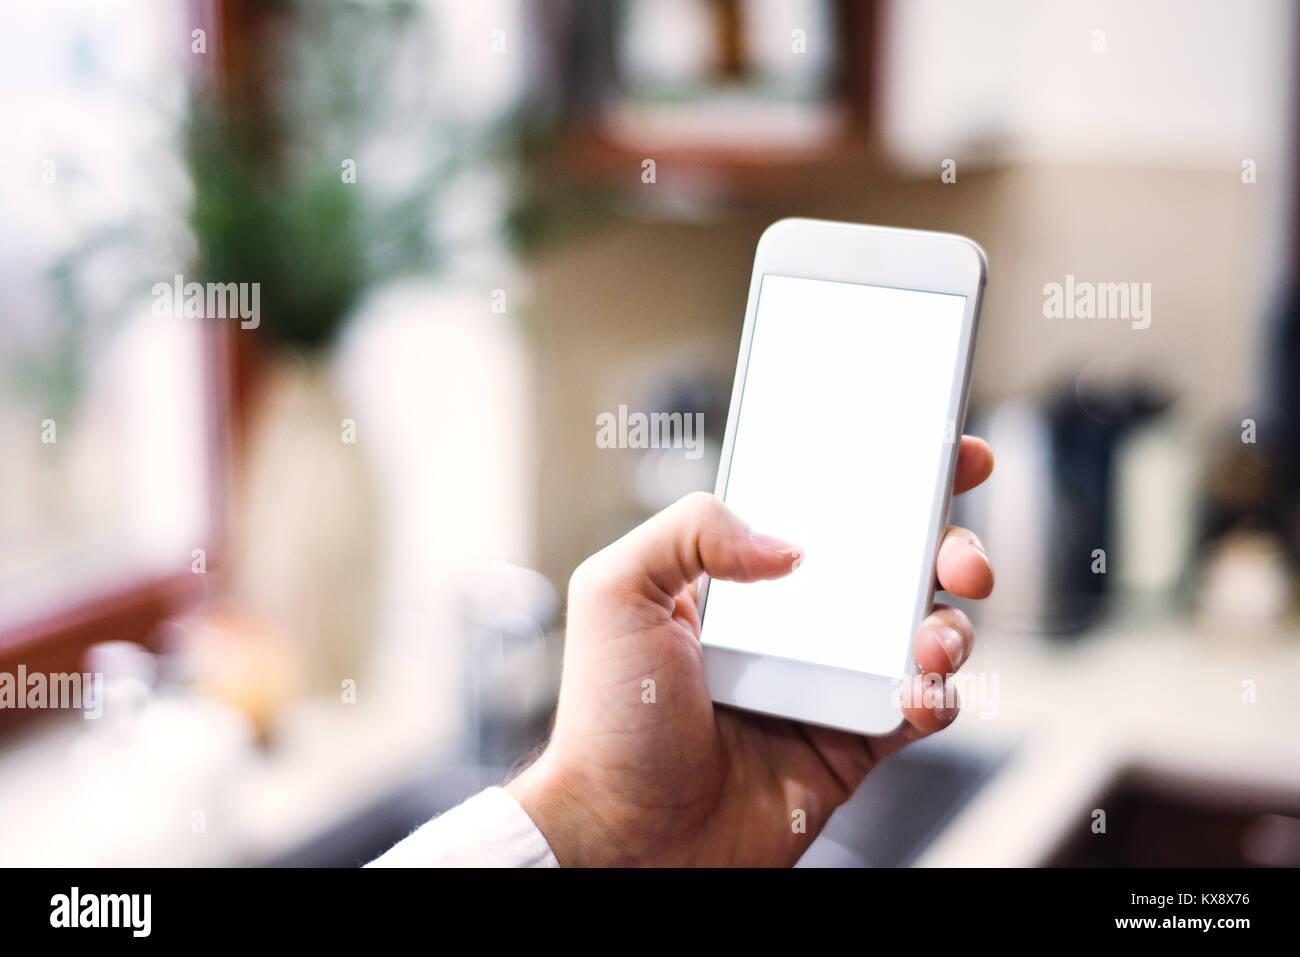 Mockup Bild des Smartphones mit leeren weißen Bildschirm an. Stockfoto